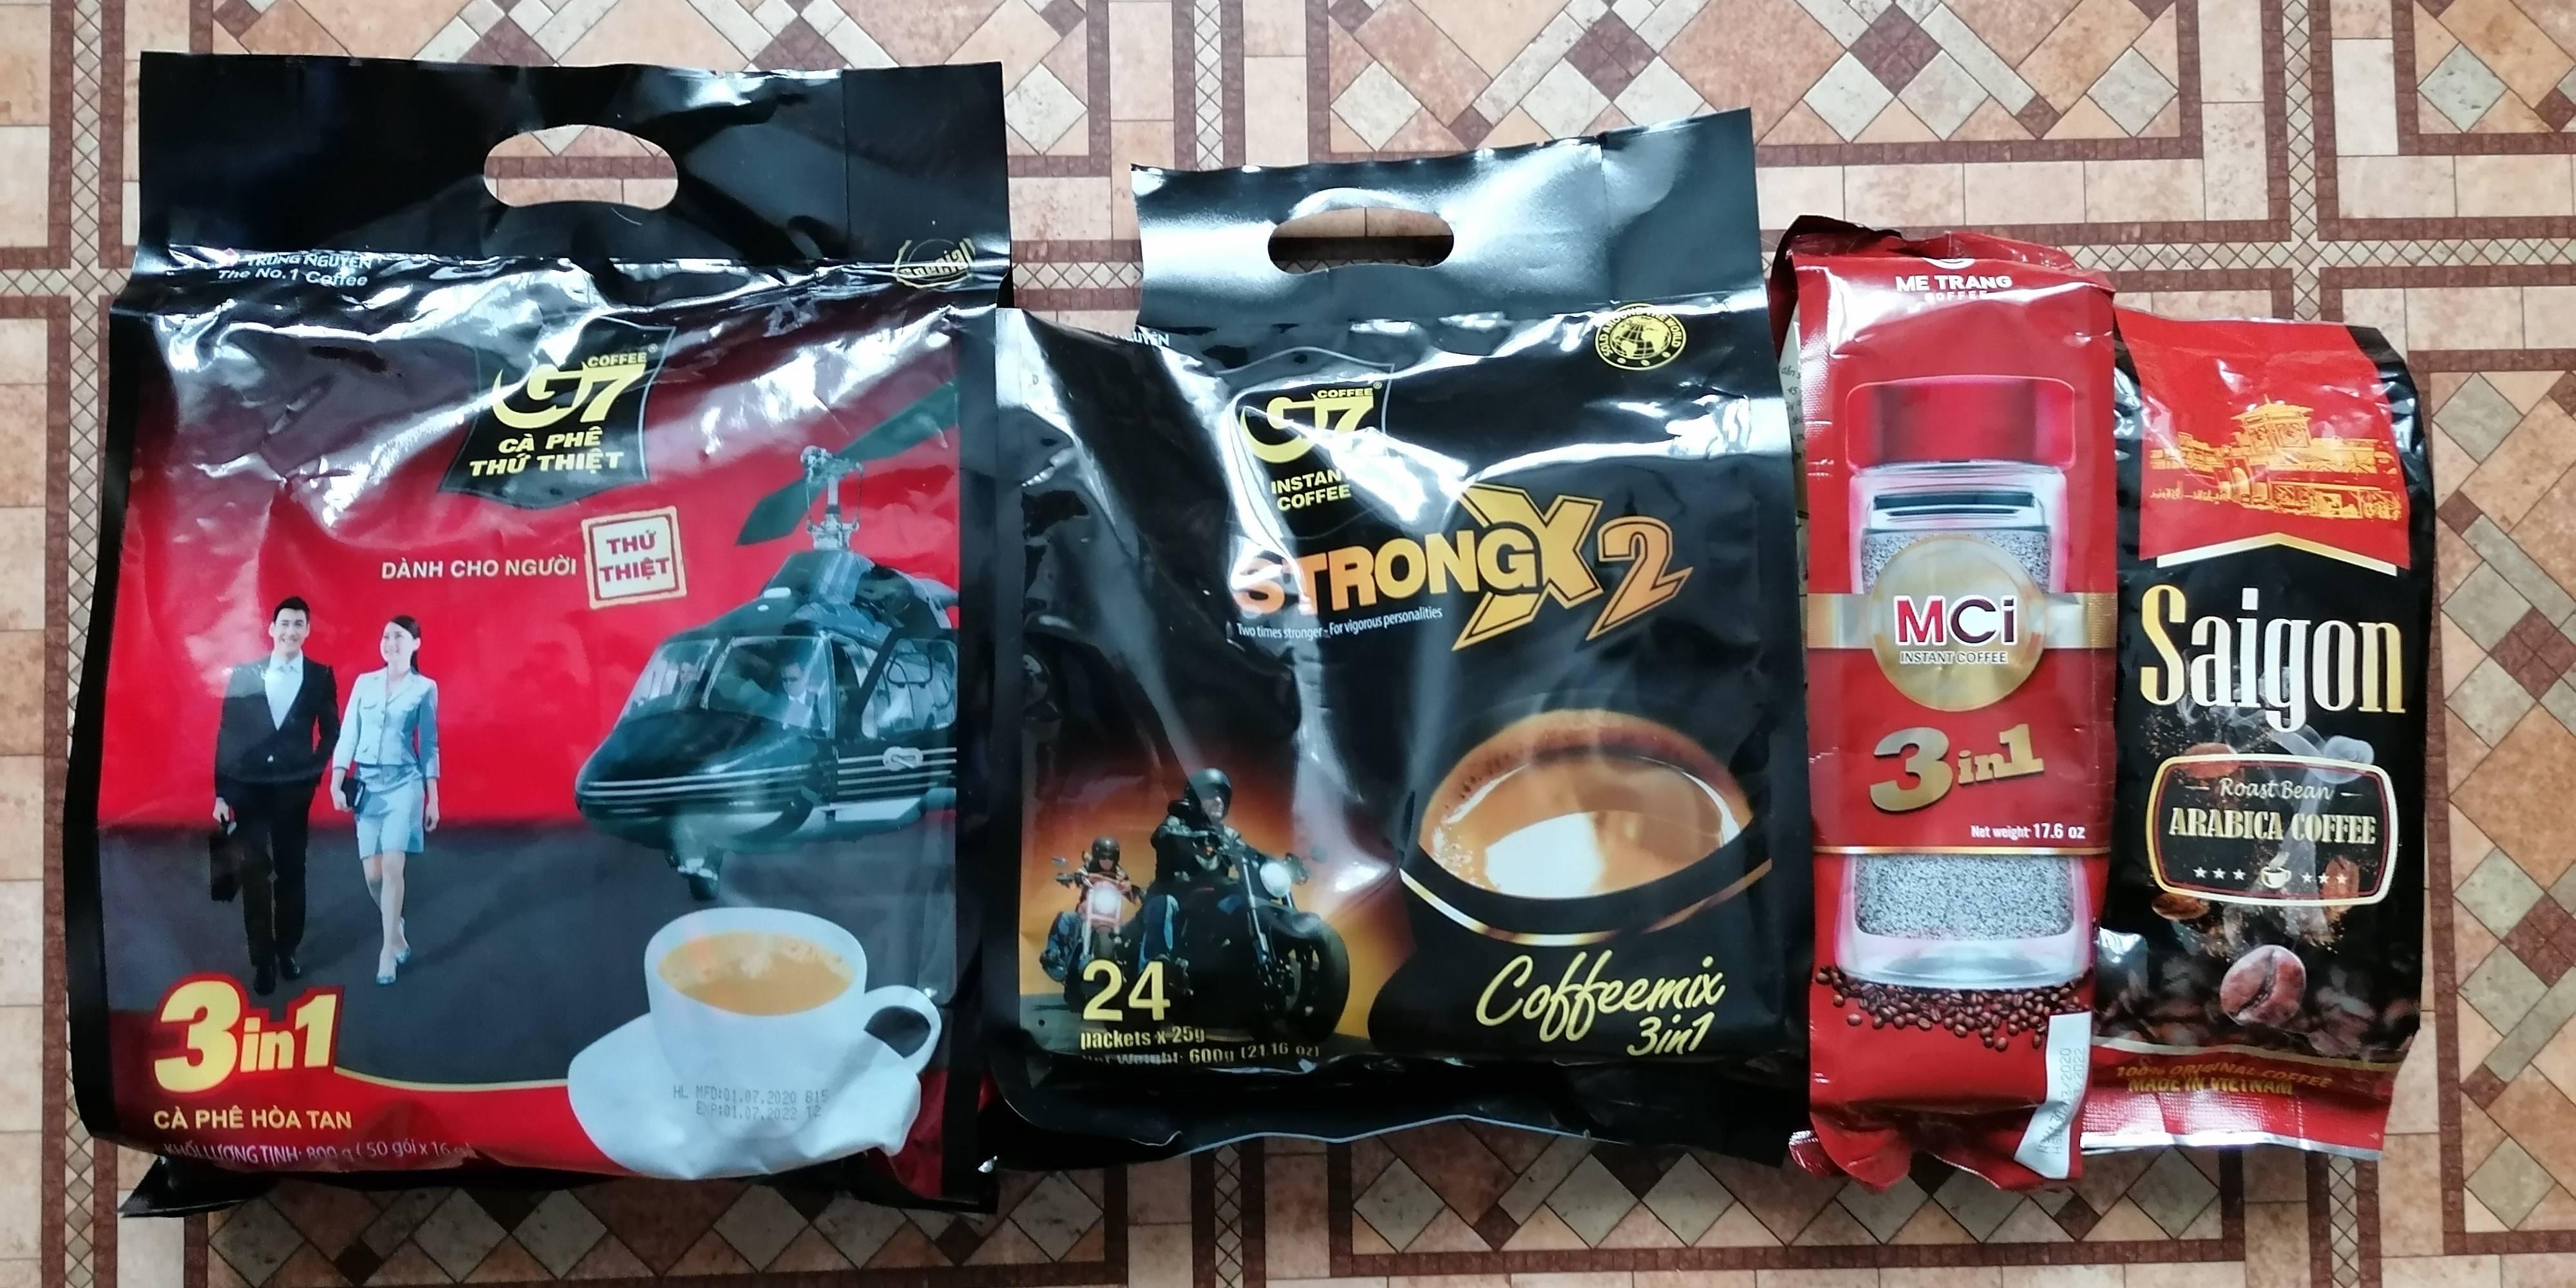 Вьетнамский кофе: как заварить и как пить? кофе по-вьетнамски: особенности приготовления . милая я